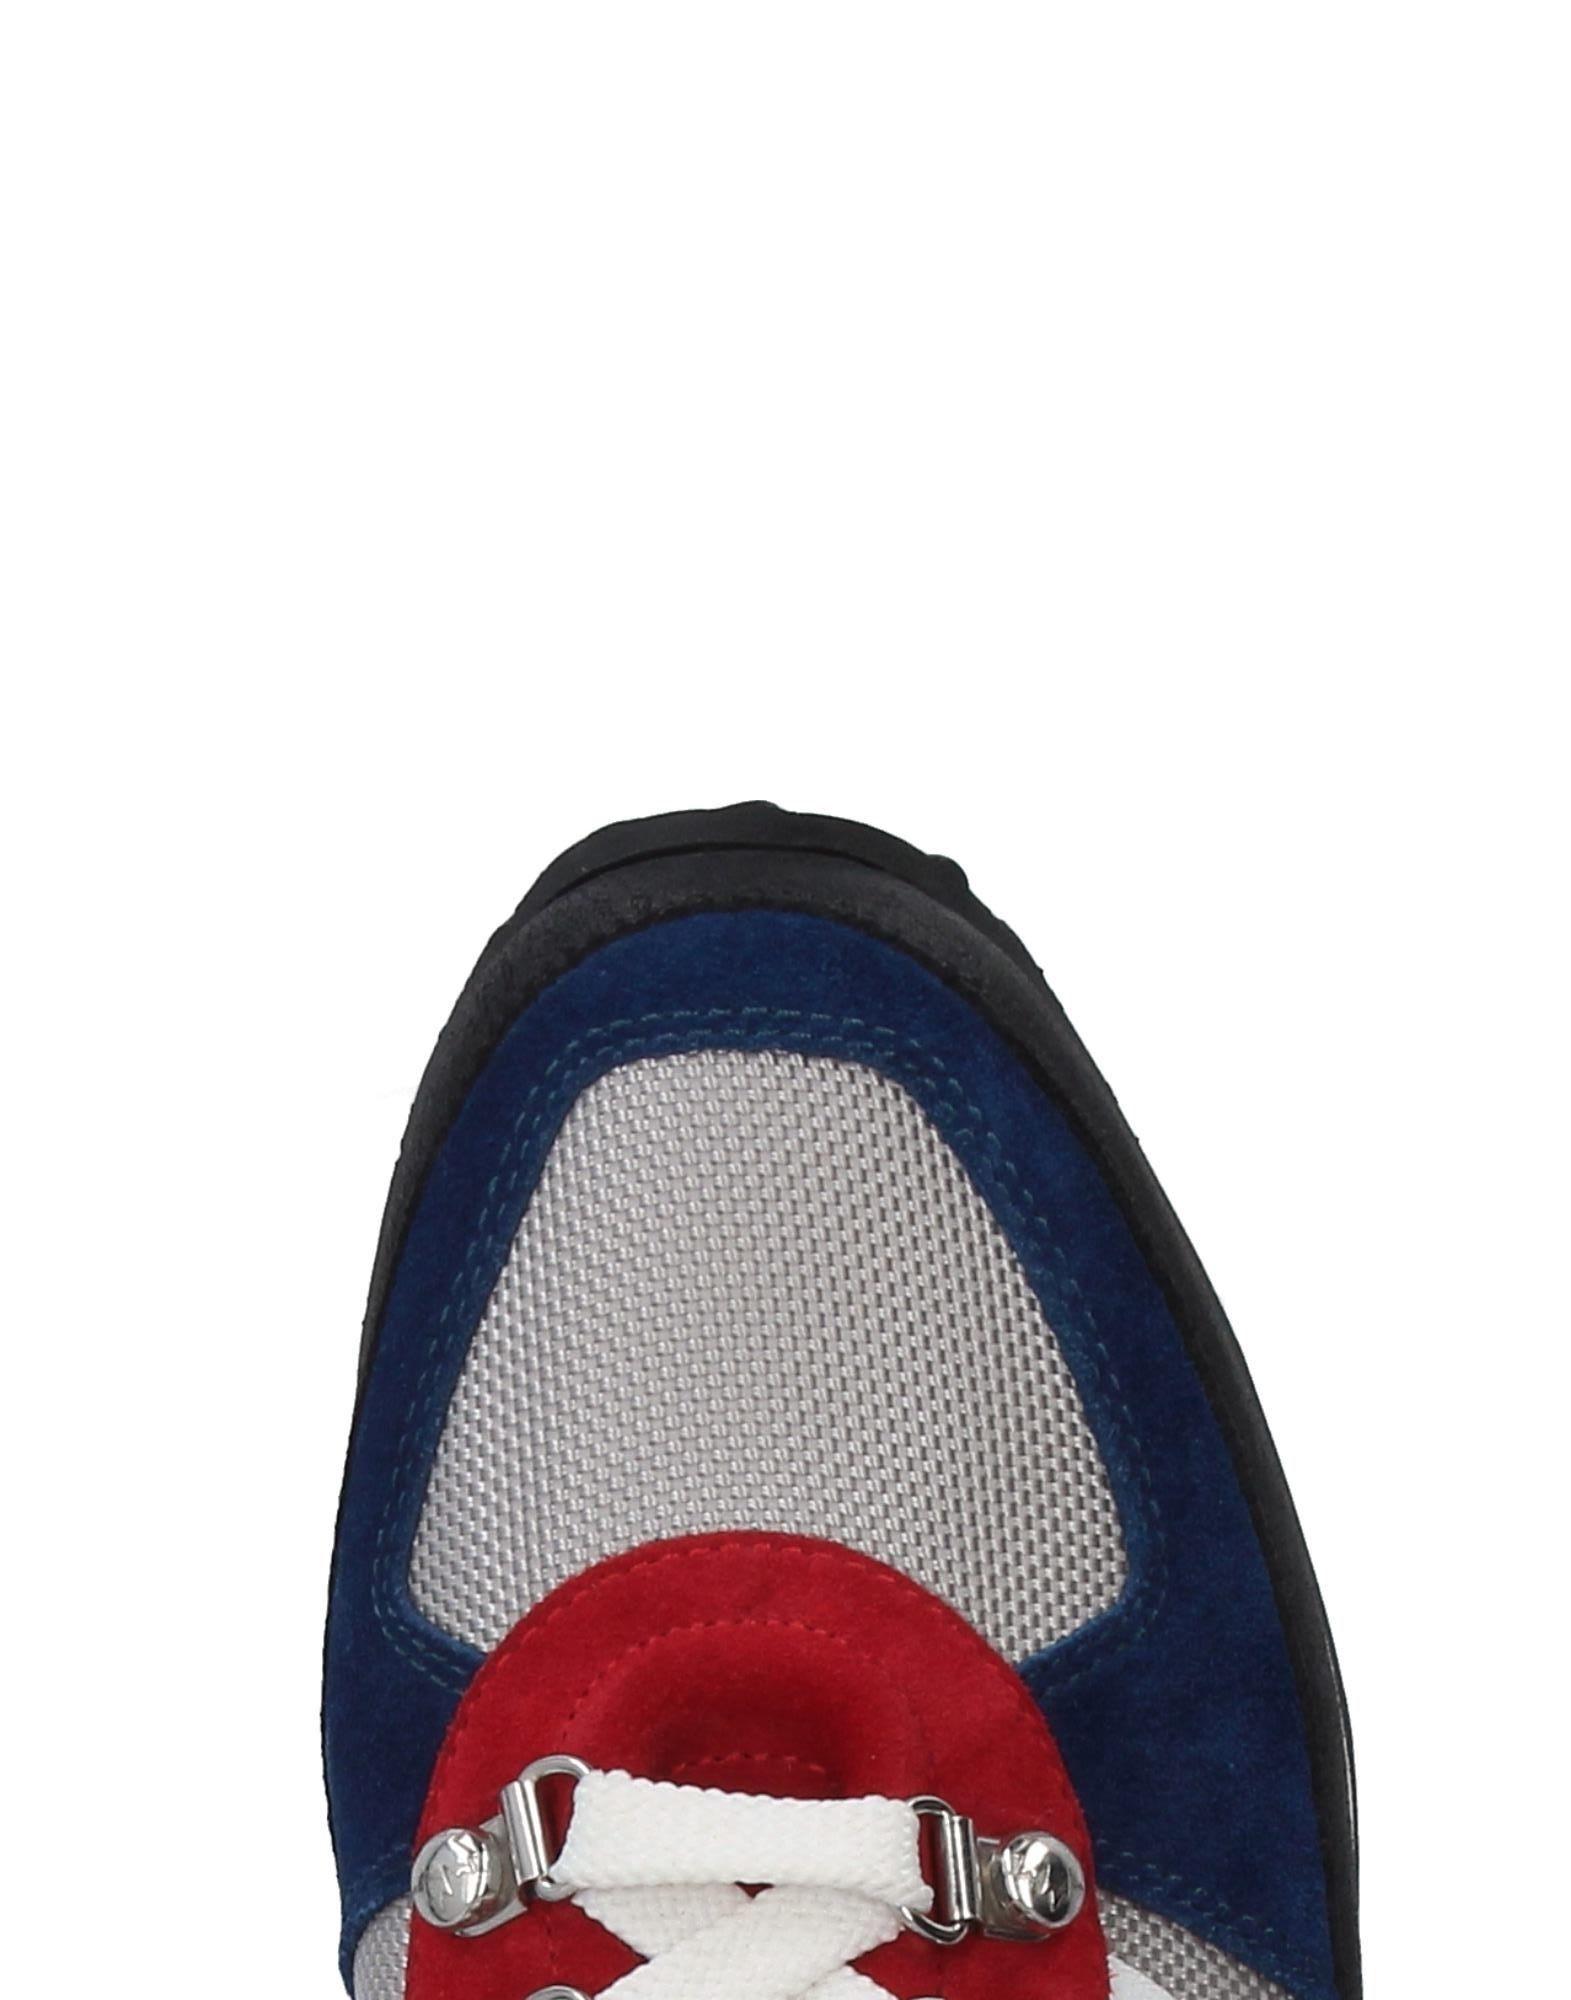 Stilvolle billige Schuhe Dsquared2 Sneakers 11319875LB Damen  11319875LB Sneakers fc5aae